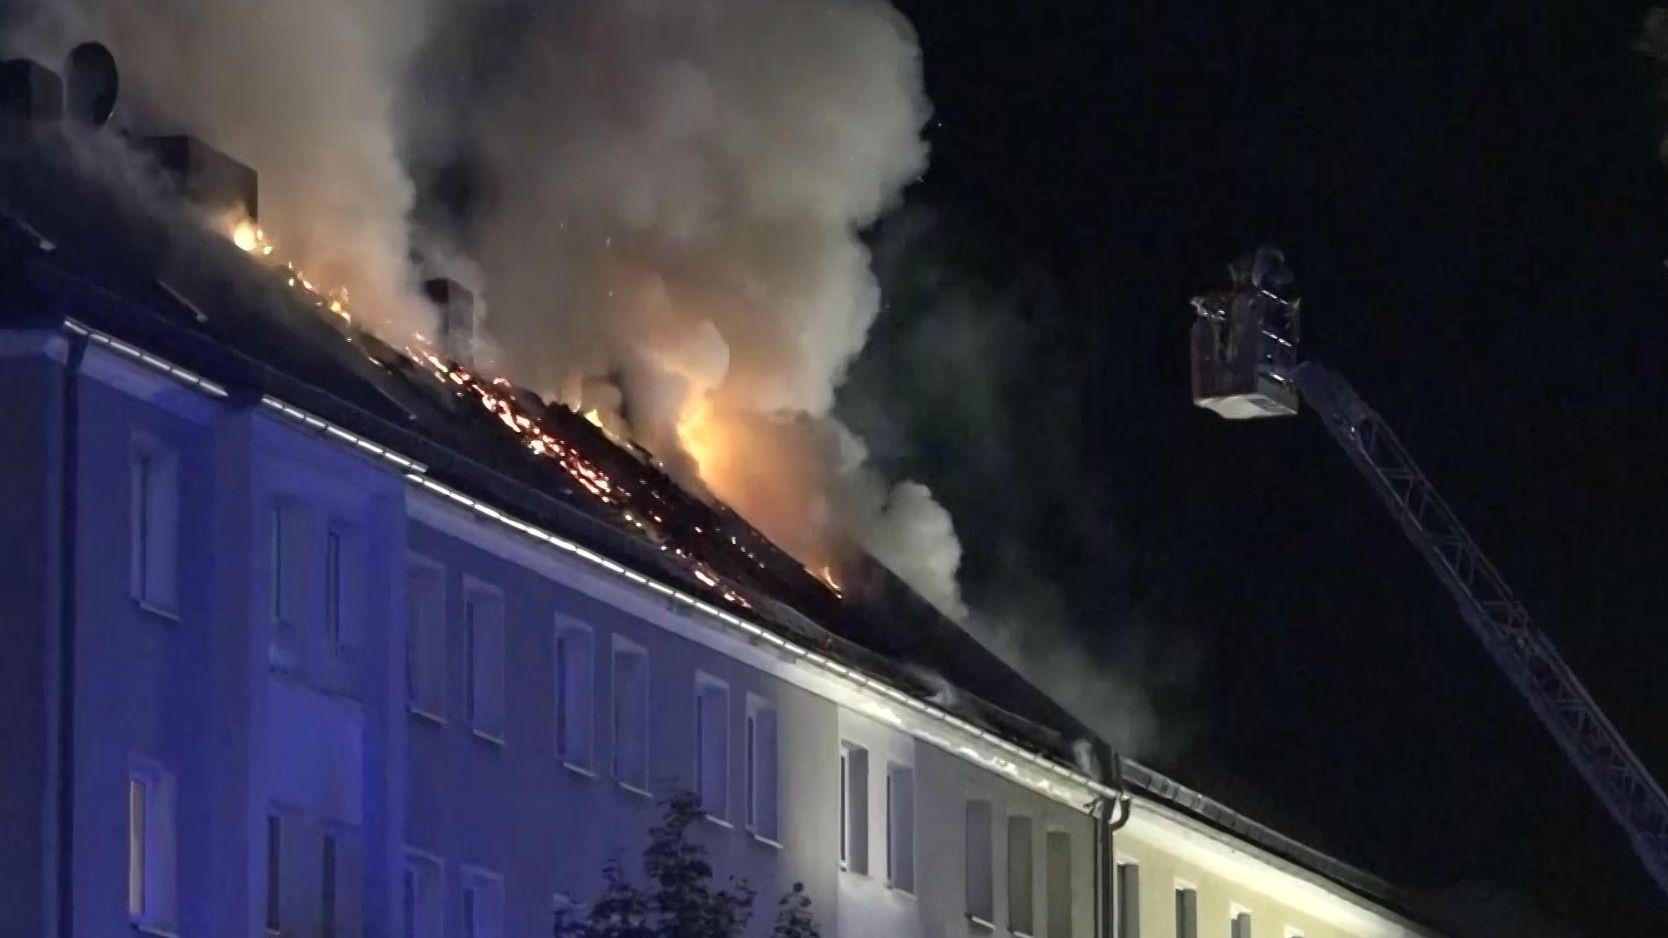 Flammen lodern aus dem Dach eines Mehrfamilienhauses in Hof. Feuerwehrmänner auf Hochleiter löschen.